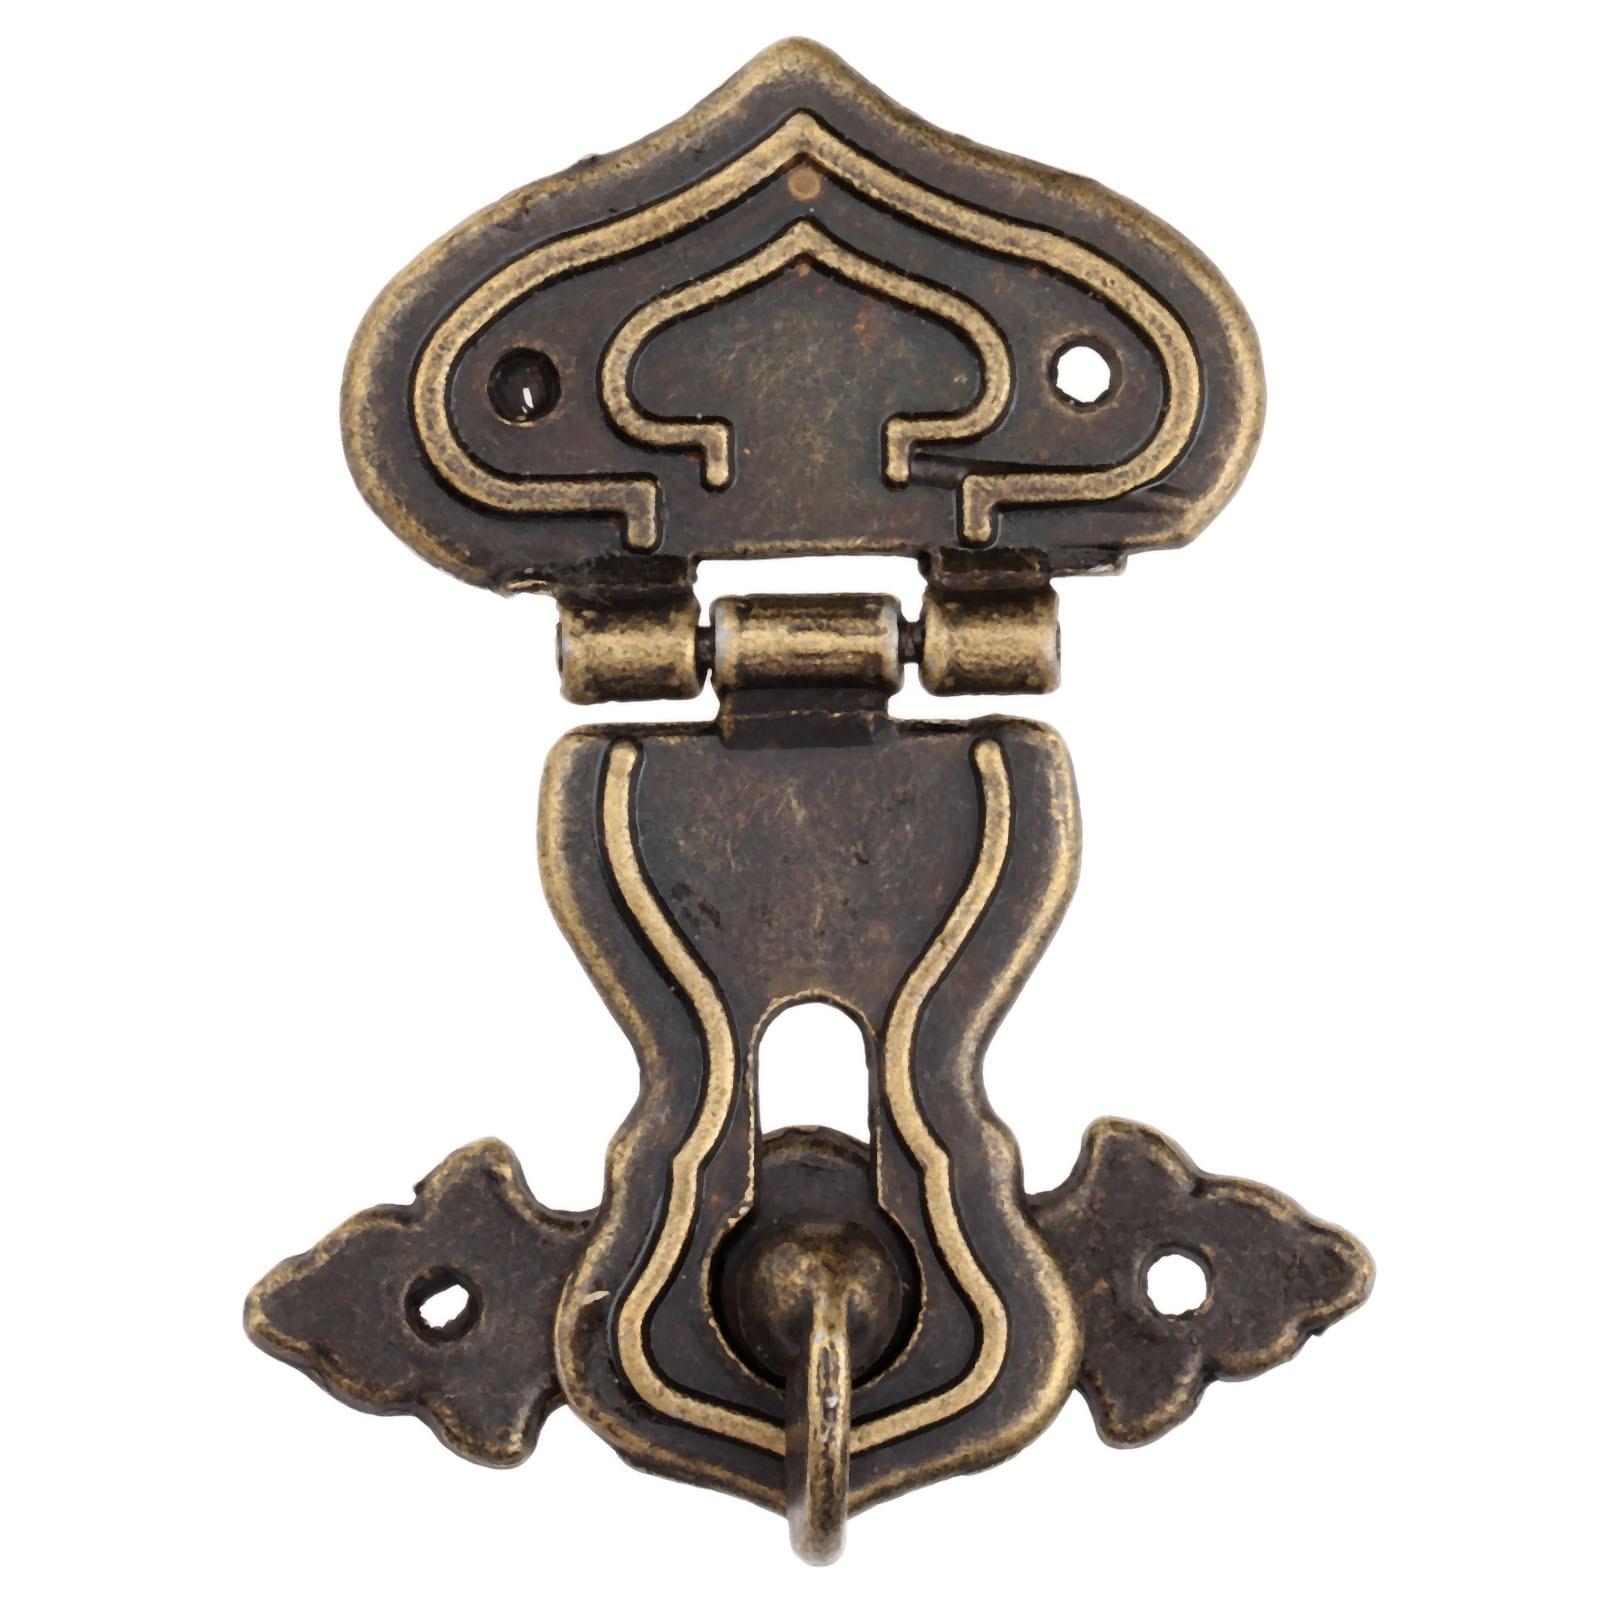 1 Stück Vintage Hardware Antike Messing Schließbügel Dekorative Schmuck Geschenk Holzkiste Haspe Retro Koffer Latch Haken Mit Schrauben 63 X 47mm